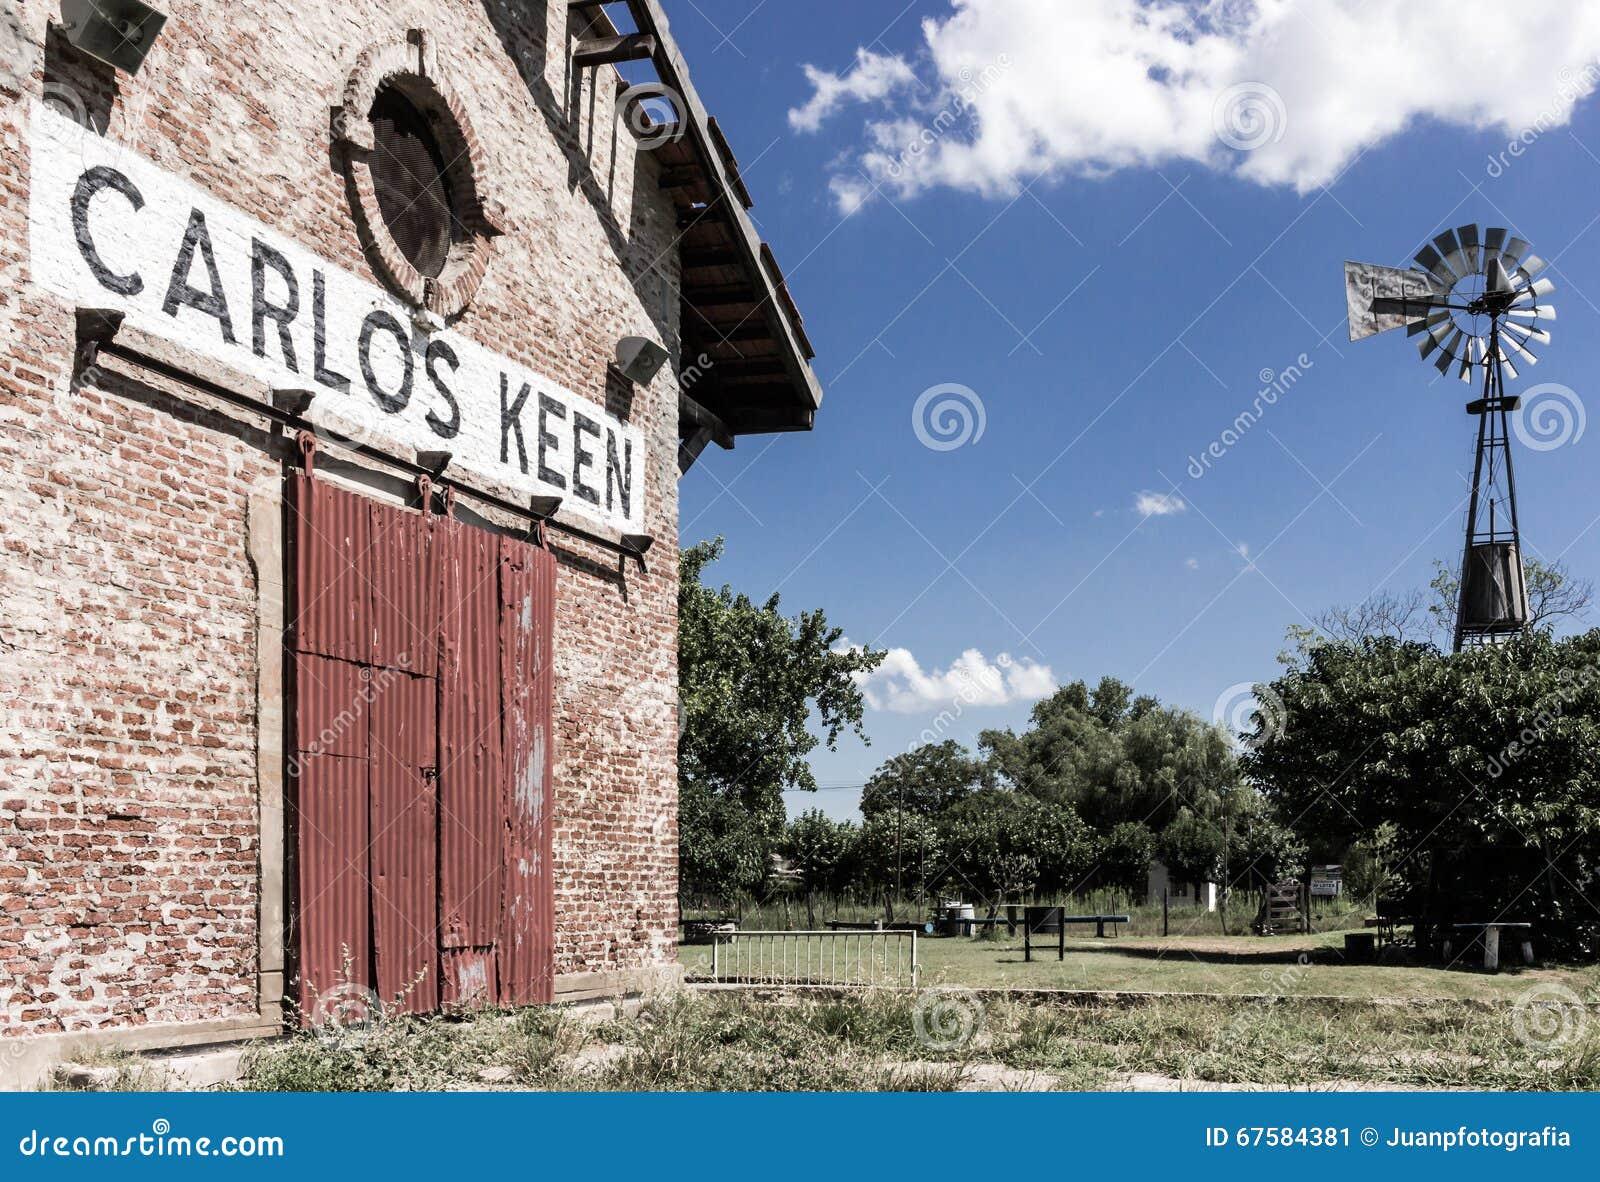 Carlos Keen Railroad station och väderkvarn